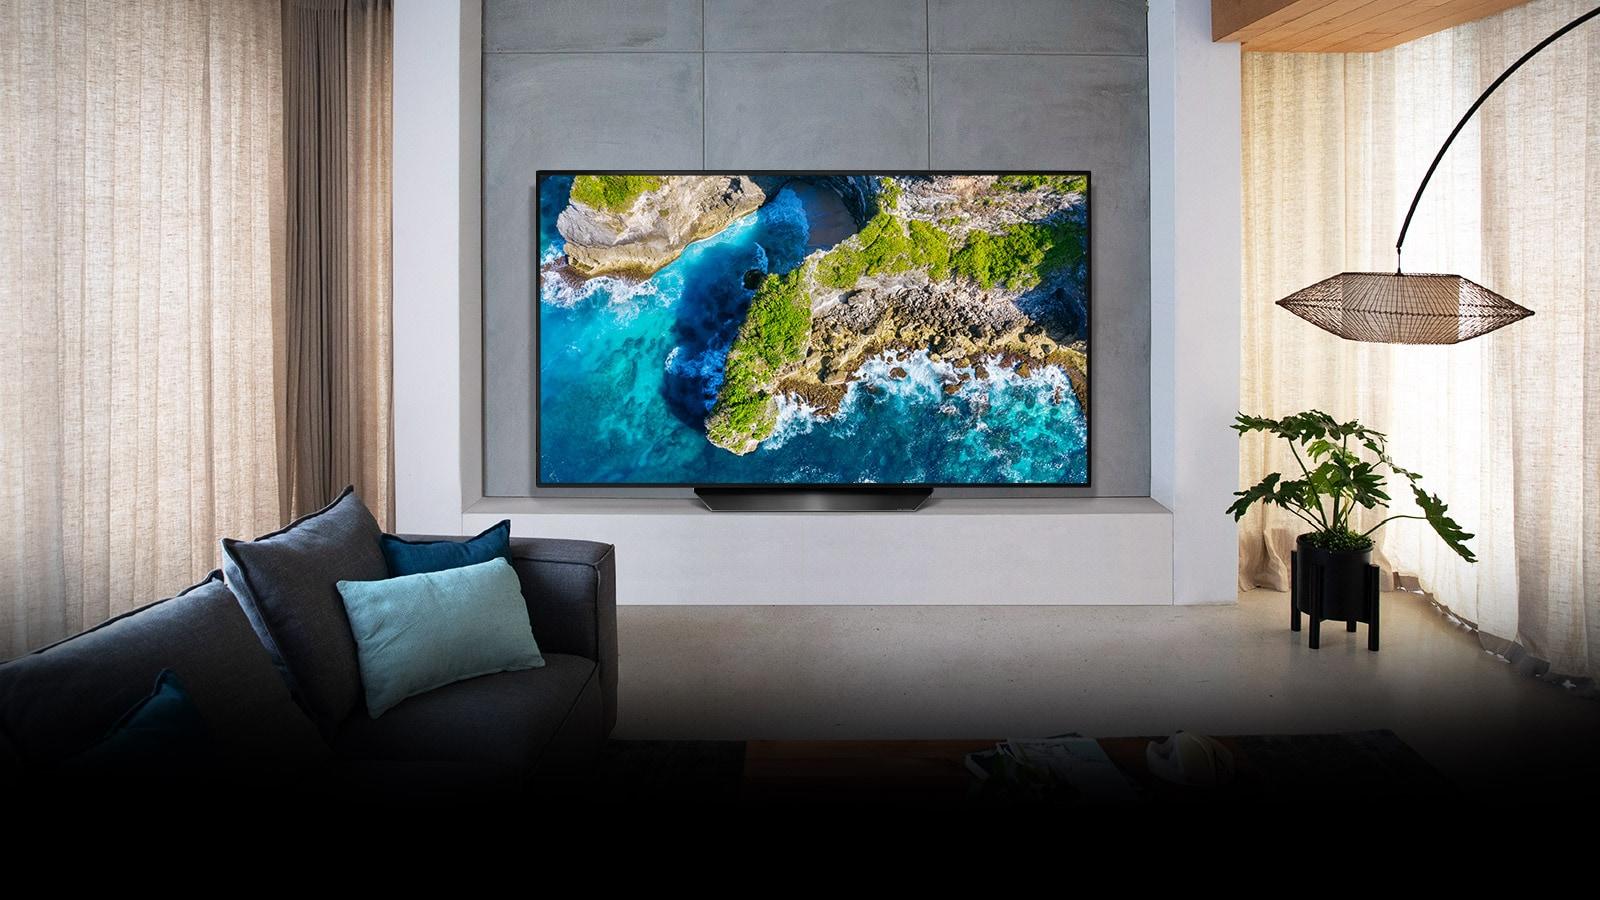 Televízor v luxusnom dome zobrazujúci prírodu z vtáčej perspektívy